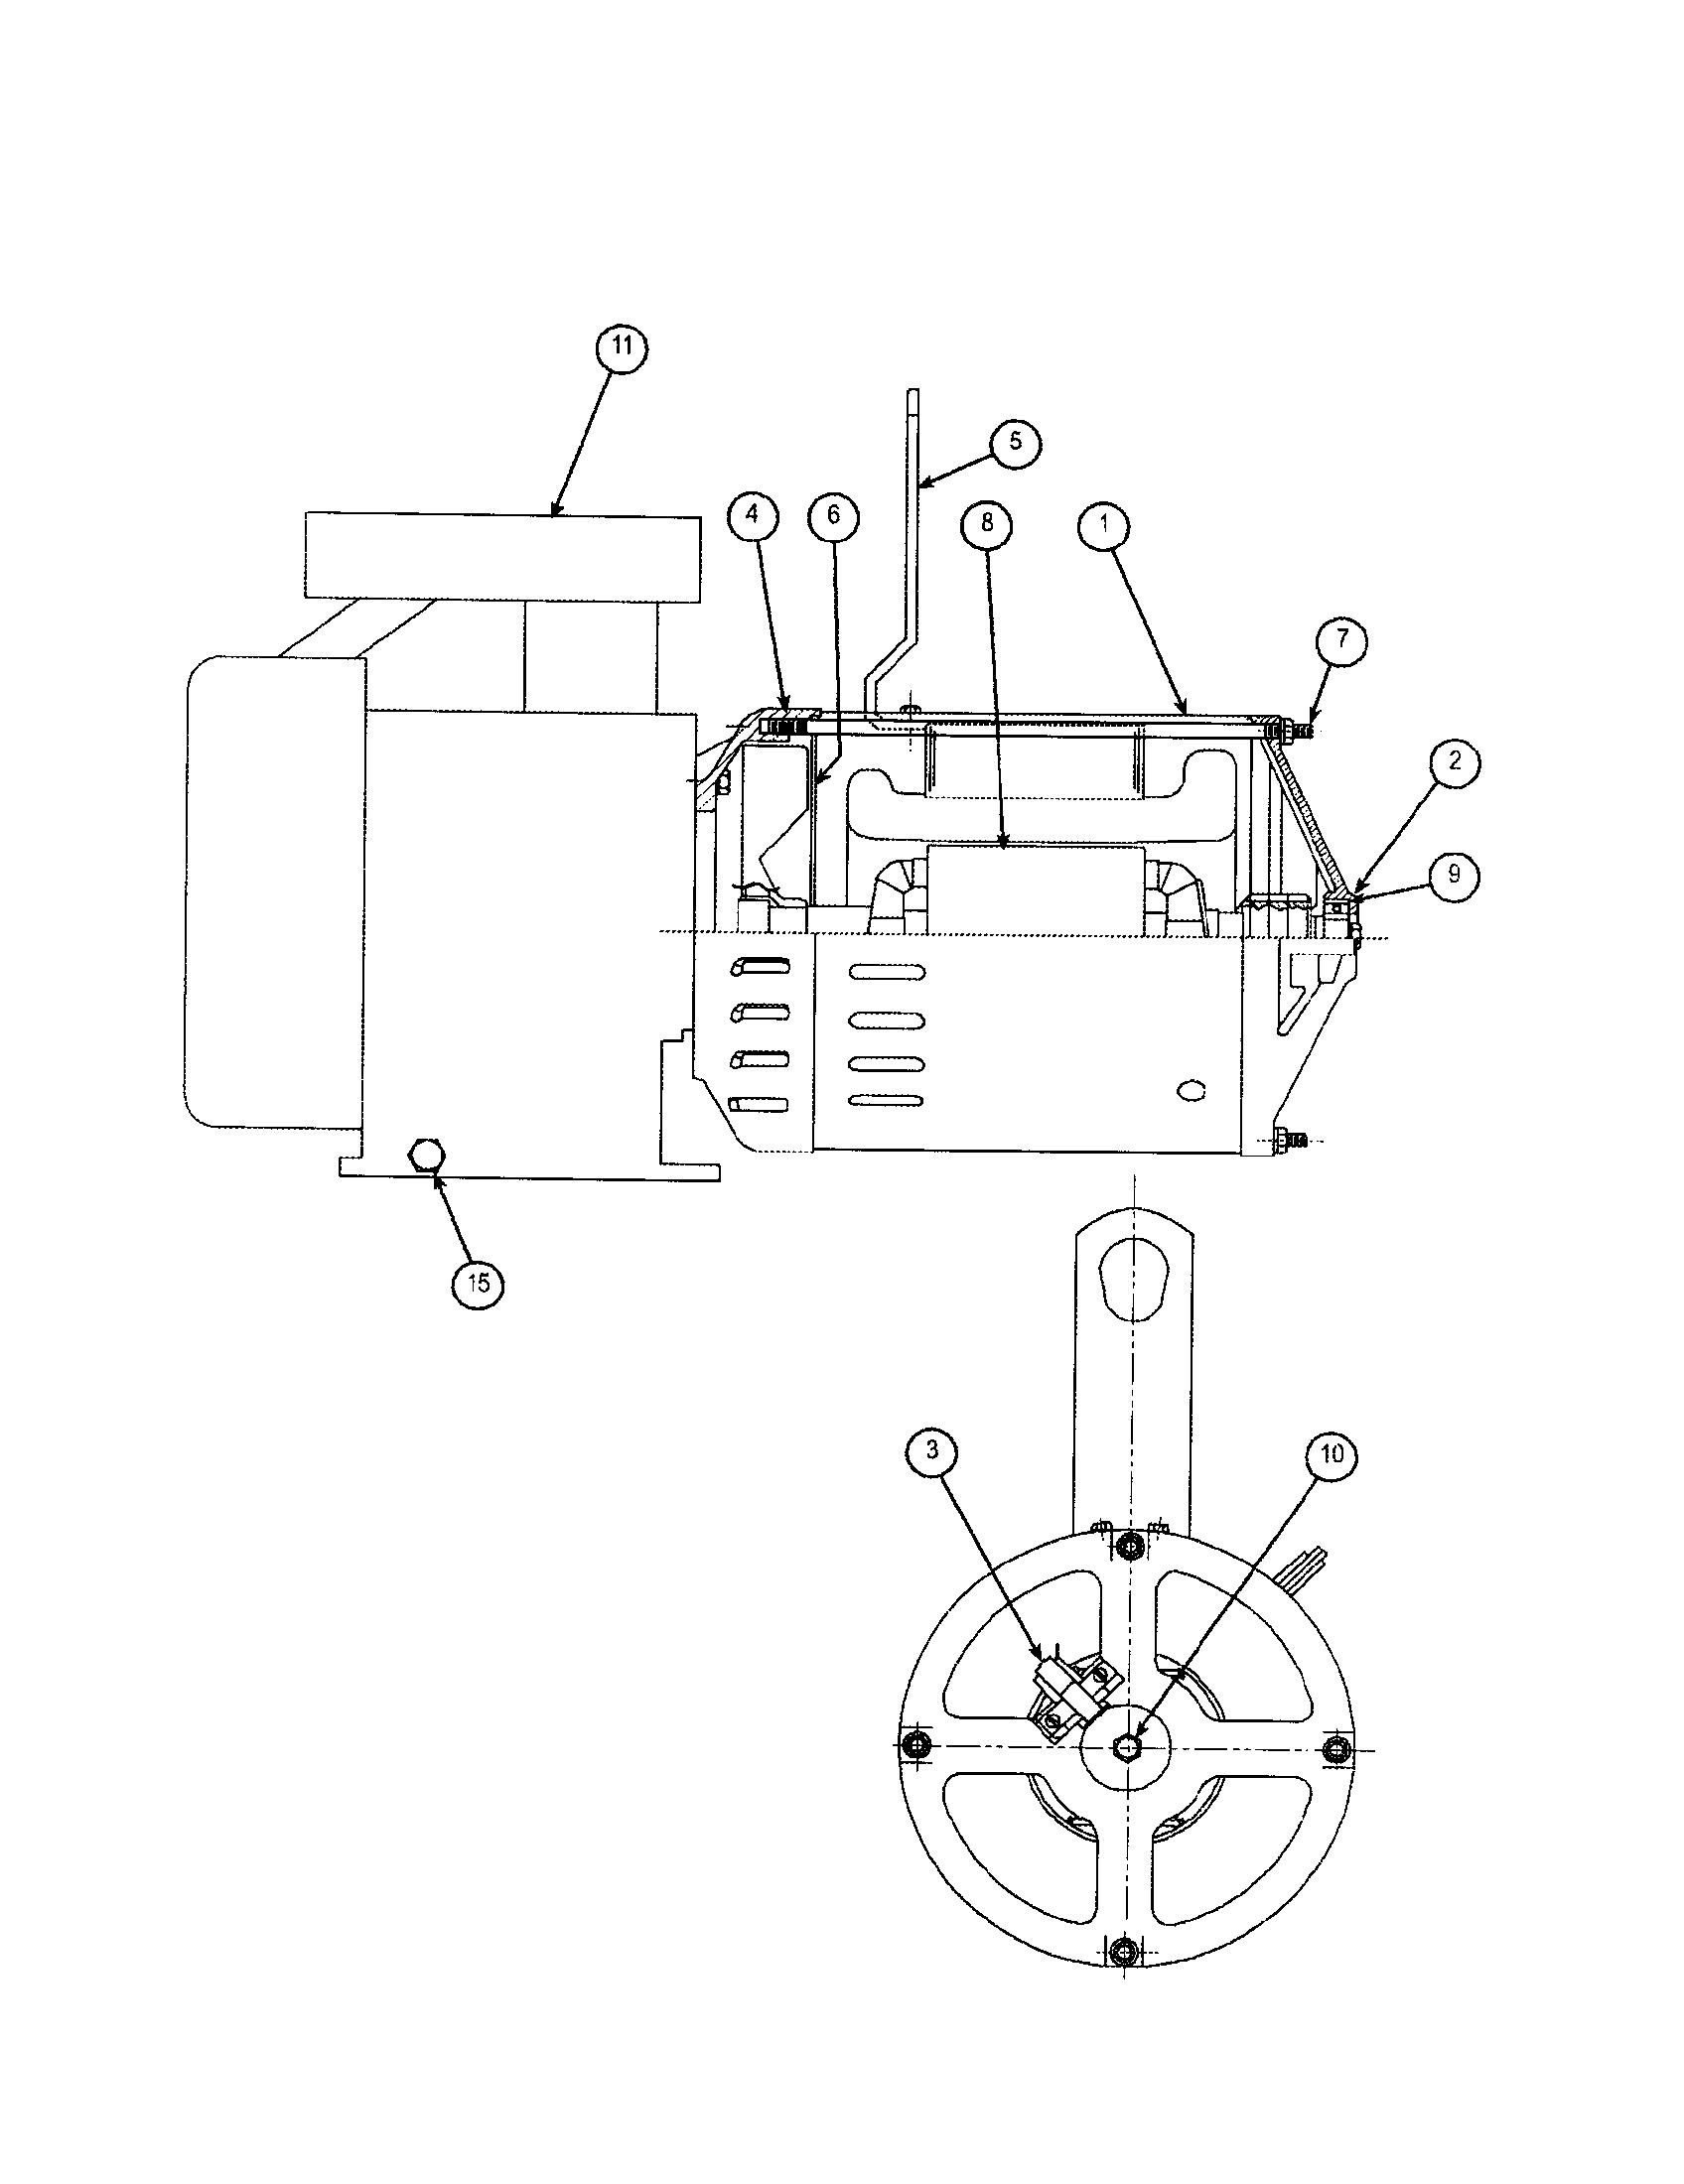 lincoln weldanpower 225 g7 wiring diagram